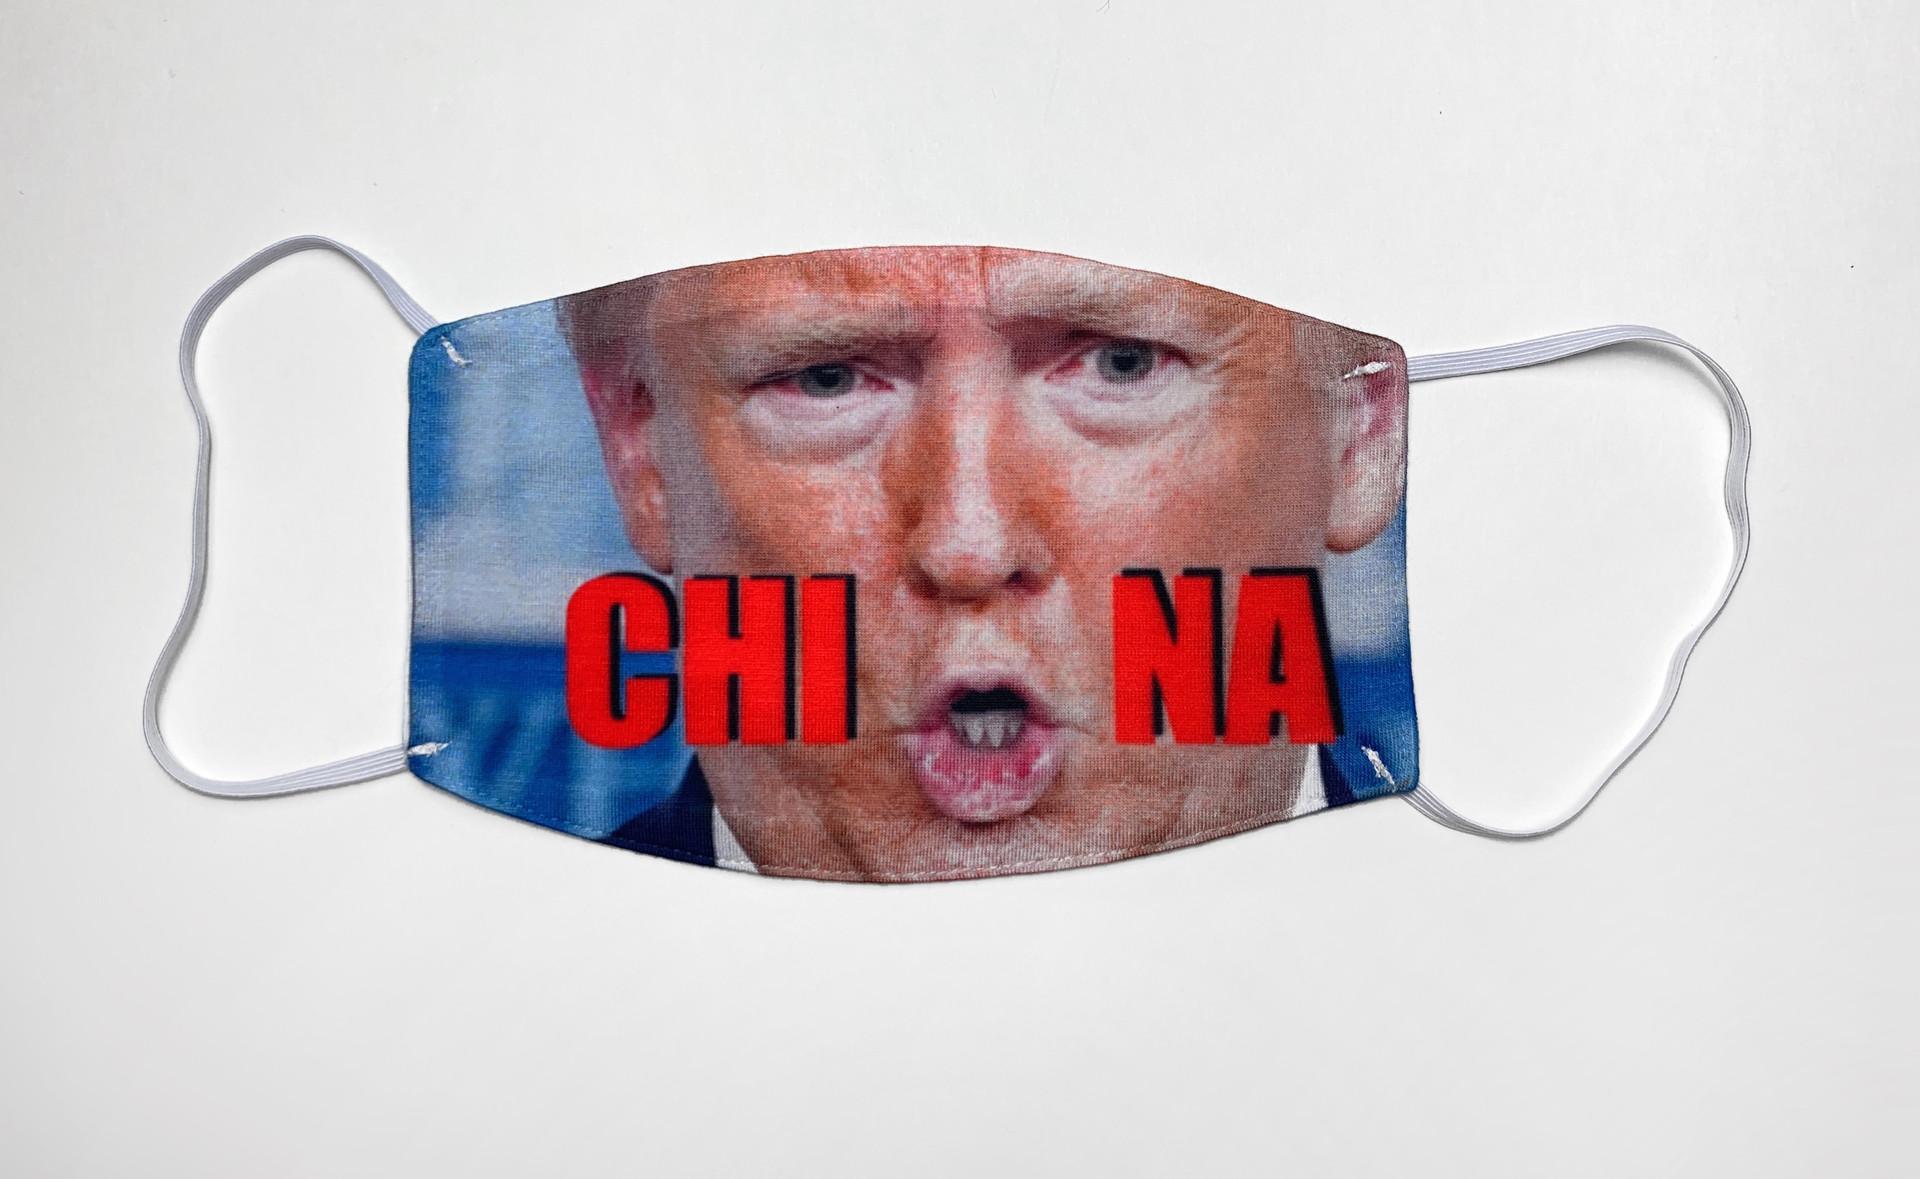 Trump Saying China